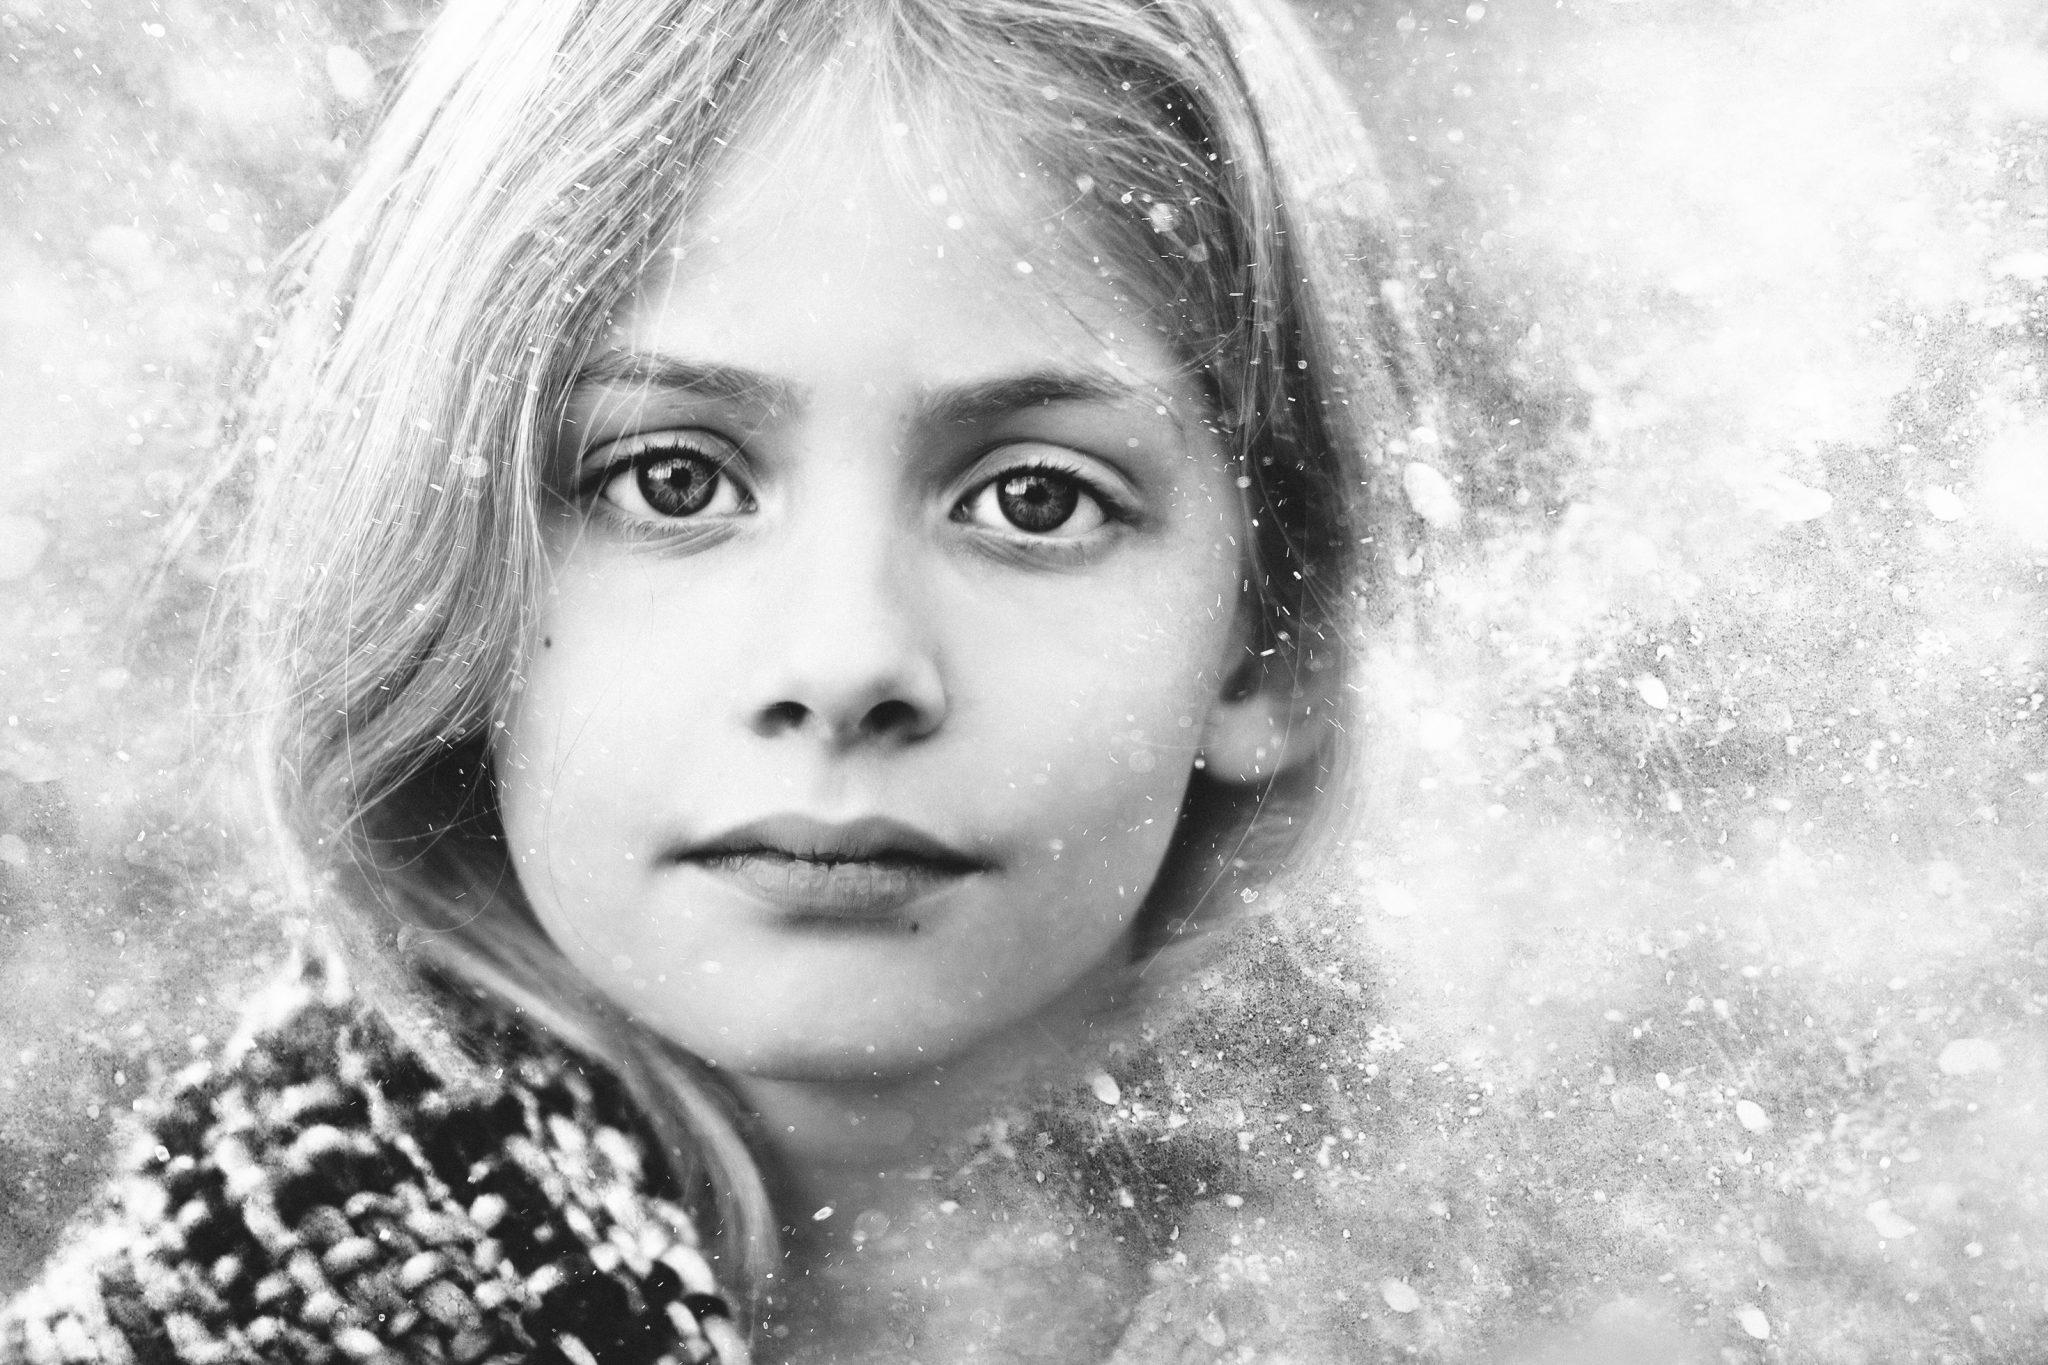 Portret sneeuw zwartwit Familie fotograaf | Fotograaf Lelystad & Veluwe | Familie | Fotoshoot